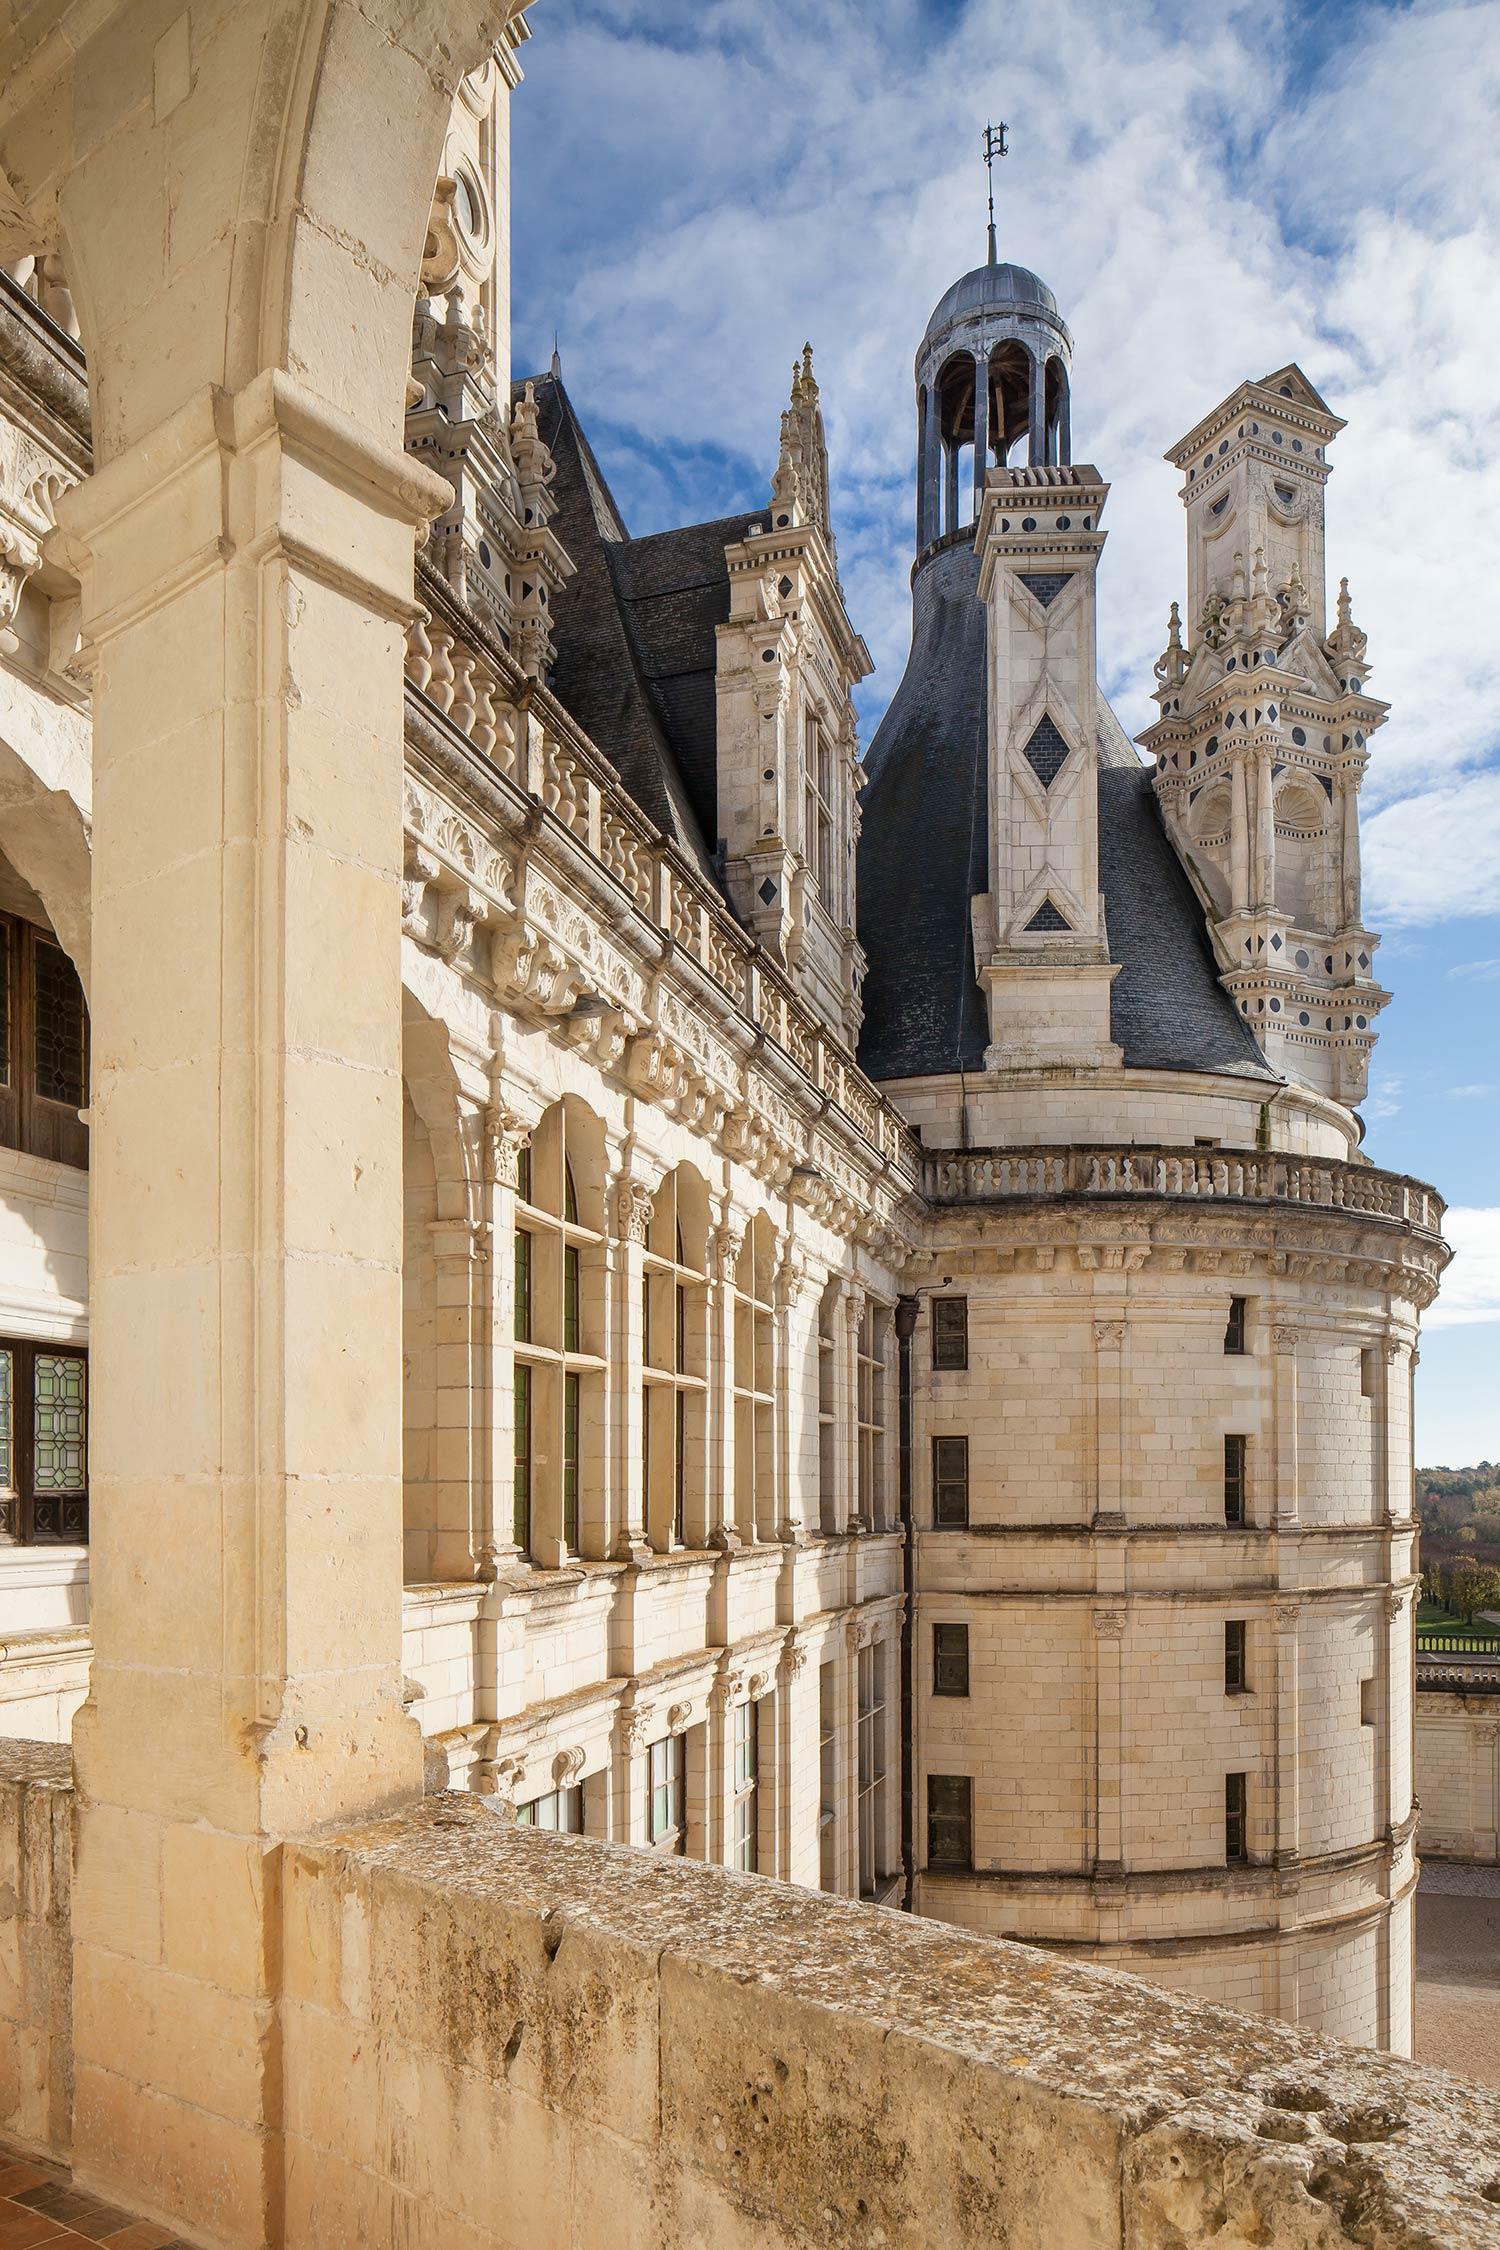 Les chateaux de la Loire - Le château de Chambord